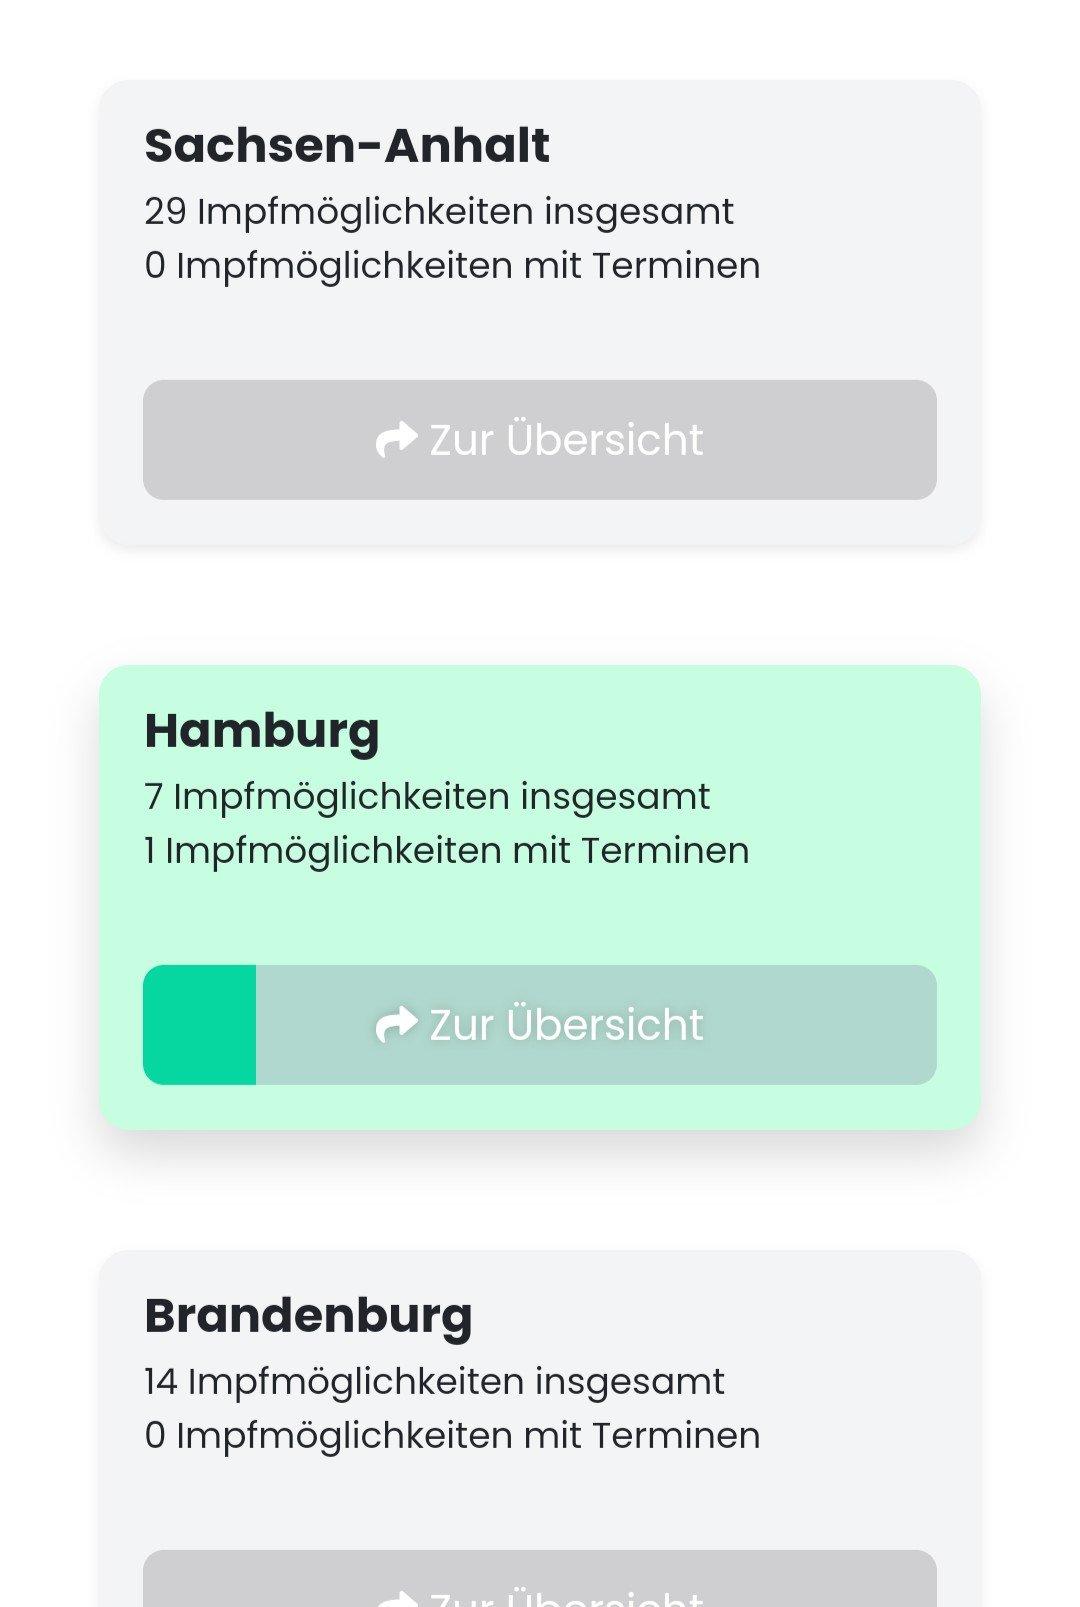 给德国小伙伴推荐两个抢疫苗的网站